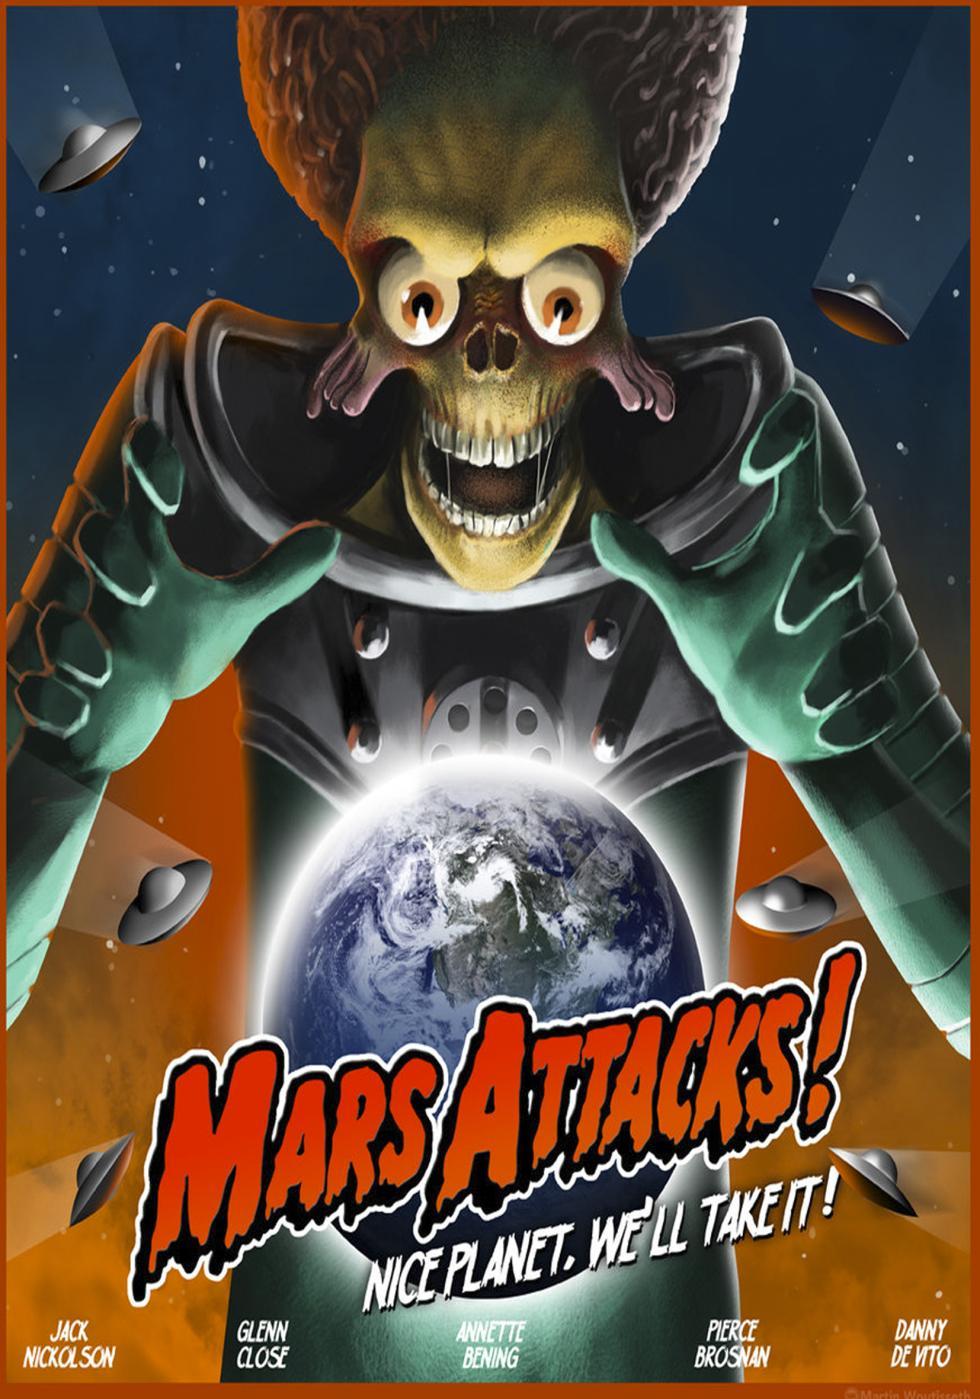 Quizás no sea una película infravalorada porque tiene mucho de película de culto. En cualquier caso, Mars Attack es una parodia de Tim Burton muy inteligente que introduce críticas a la sociedad americana y a los humanos como especie de forma sutil pero cómica.